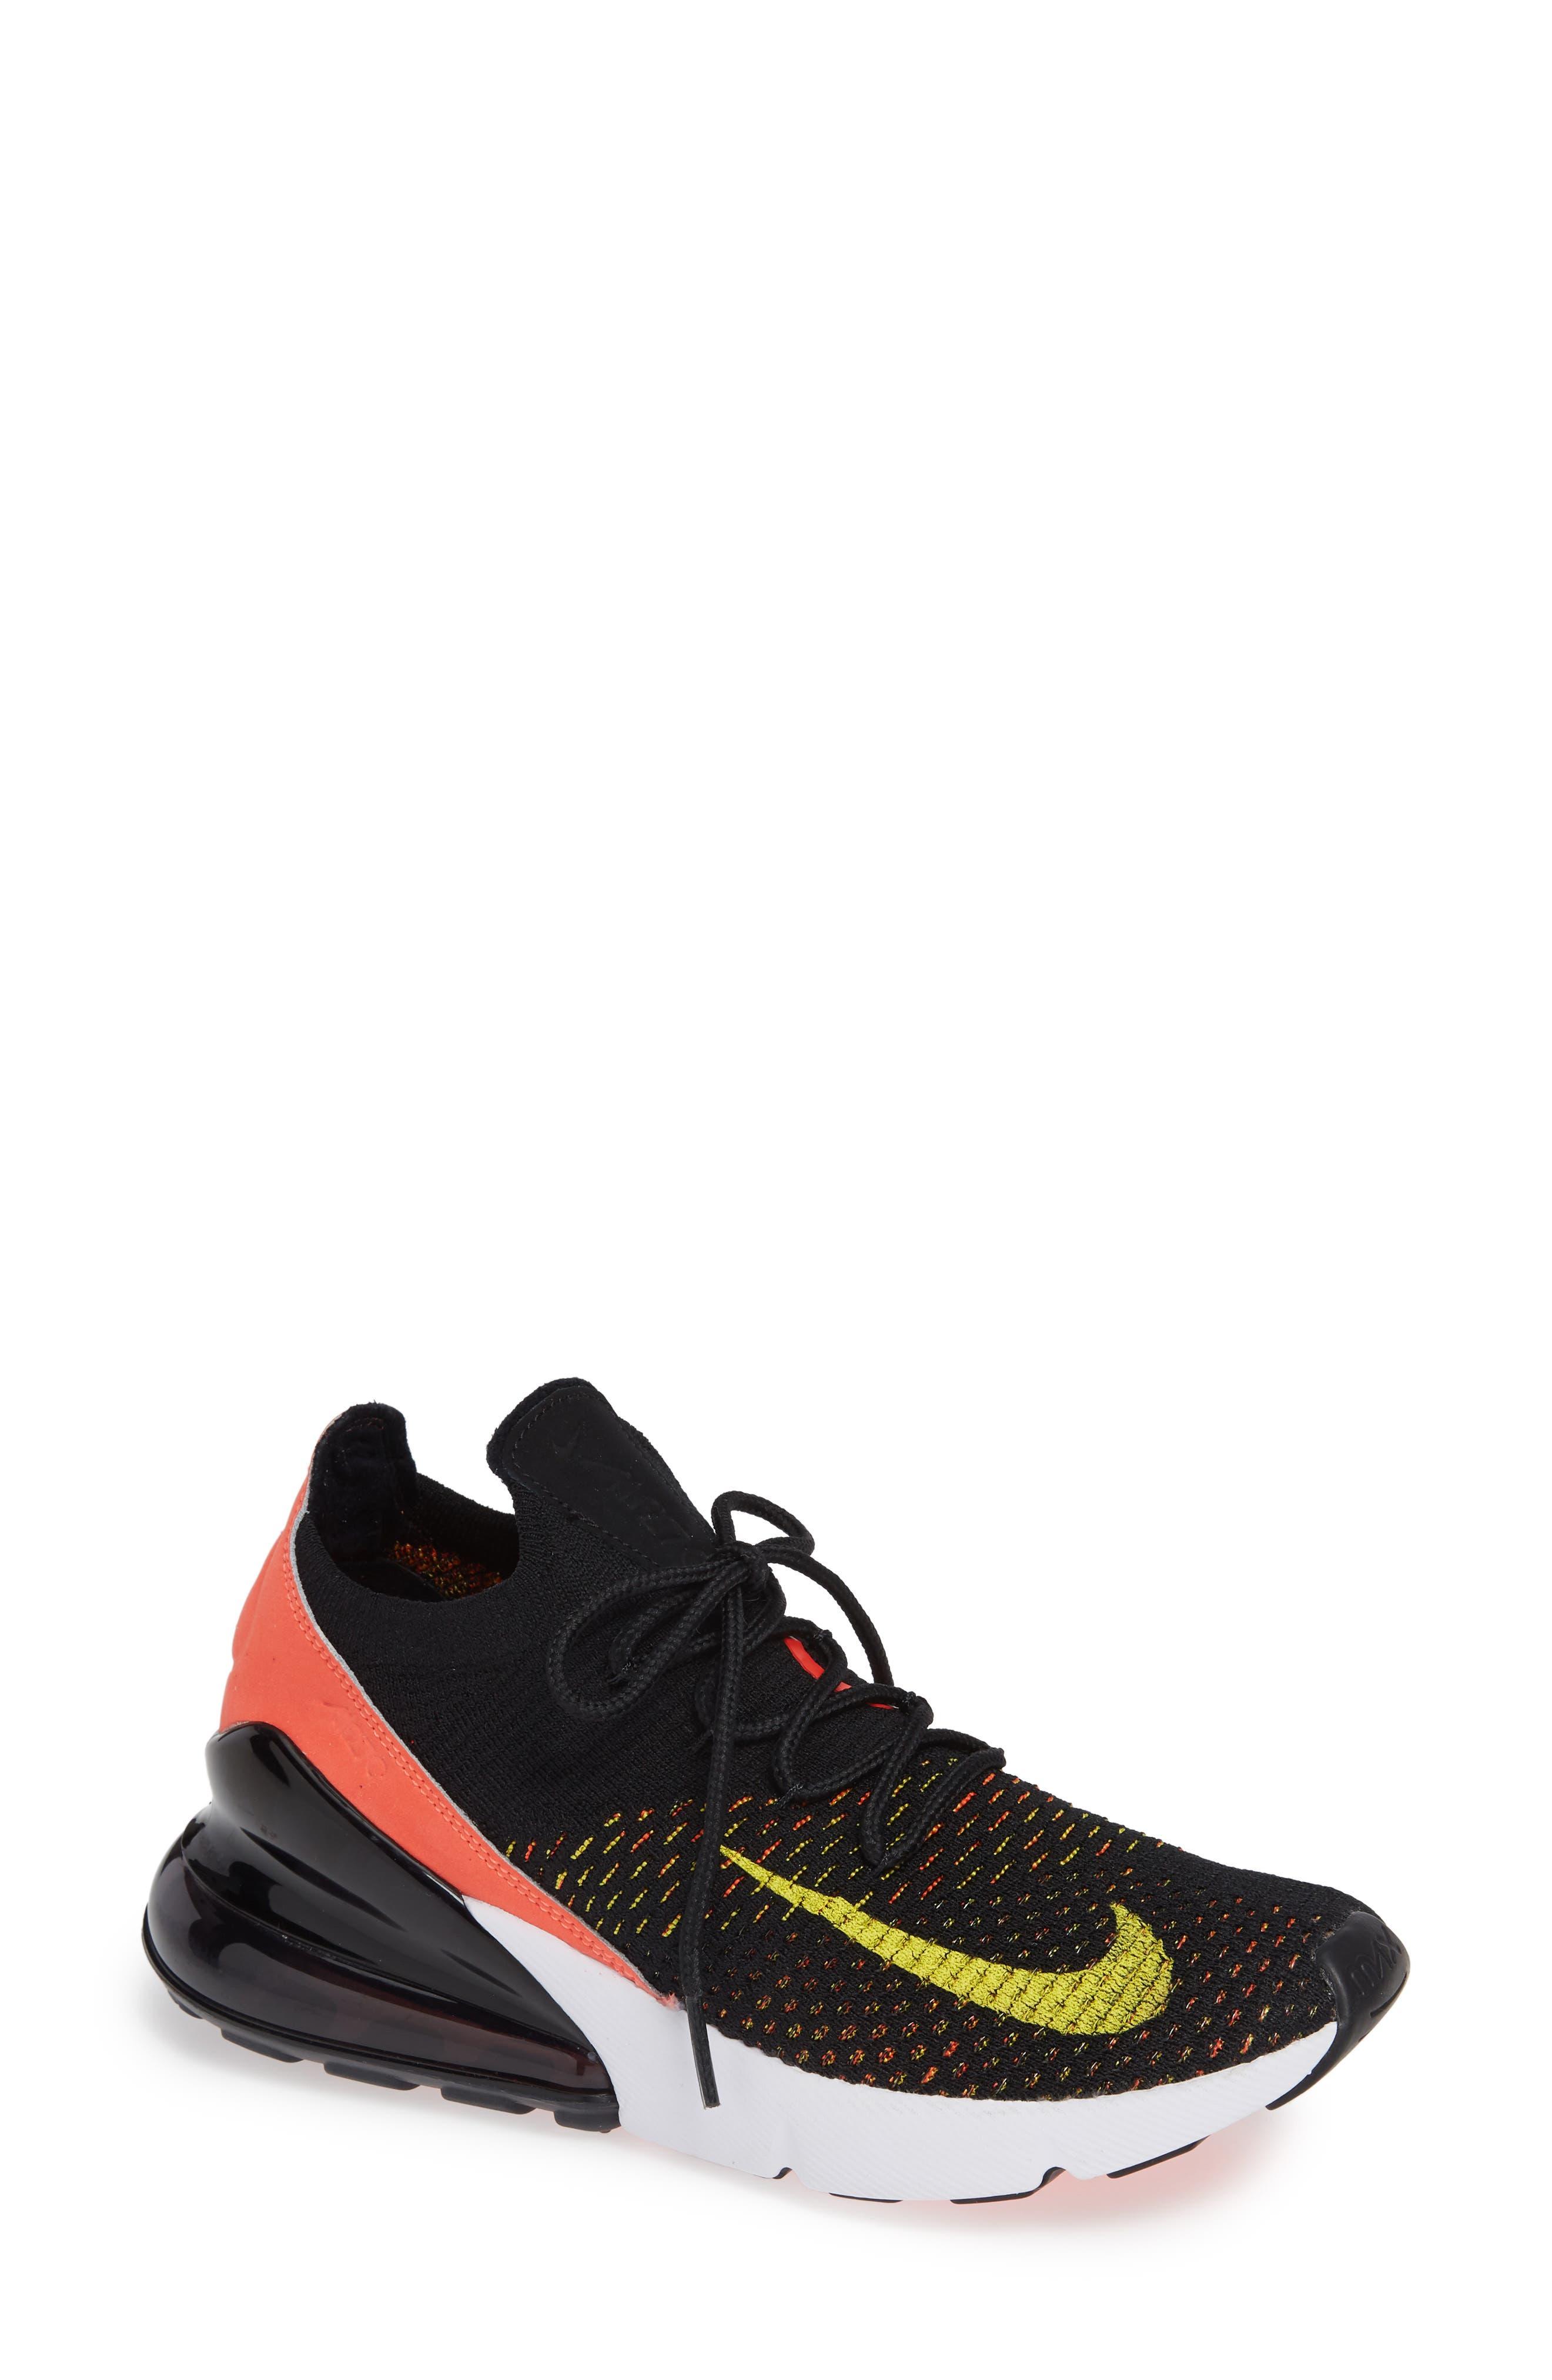 Air Max 270 Flyknit Sneaker,                             Main thumbnail 2, color,